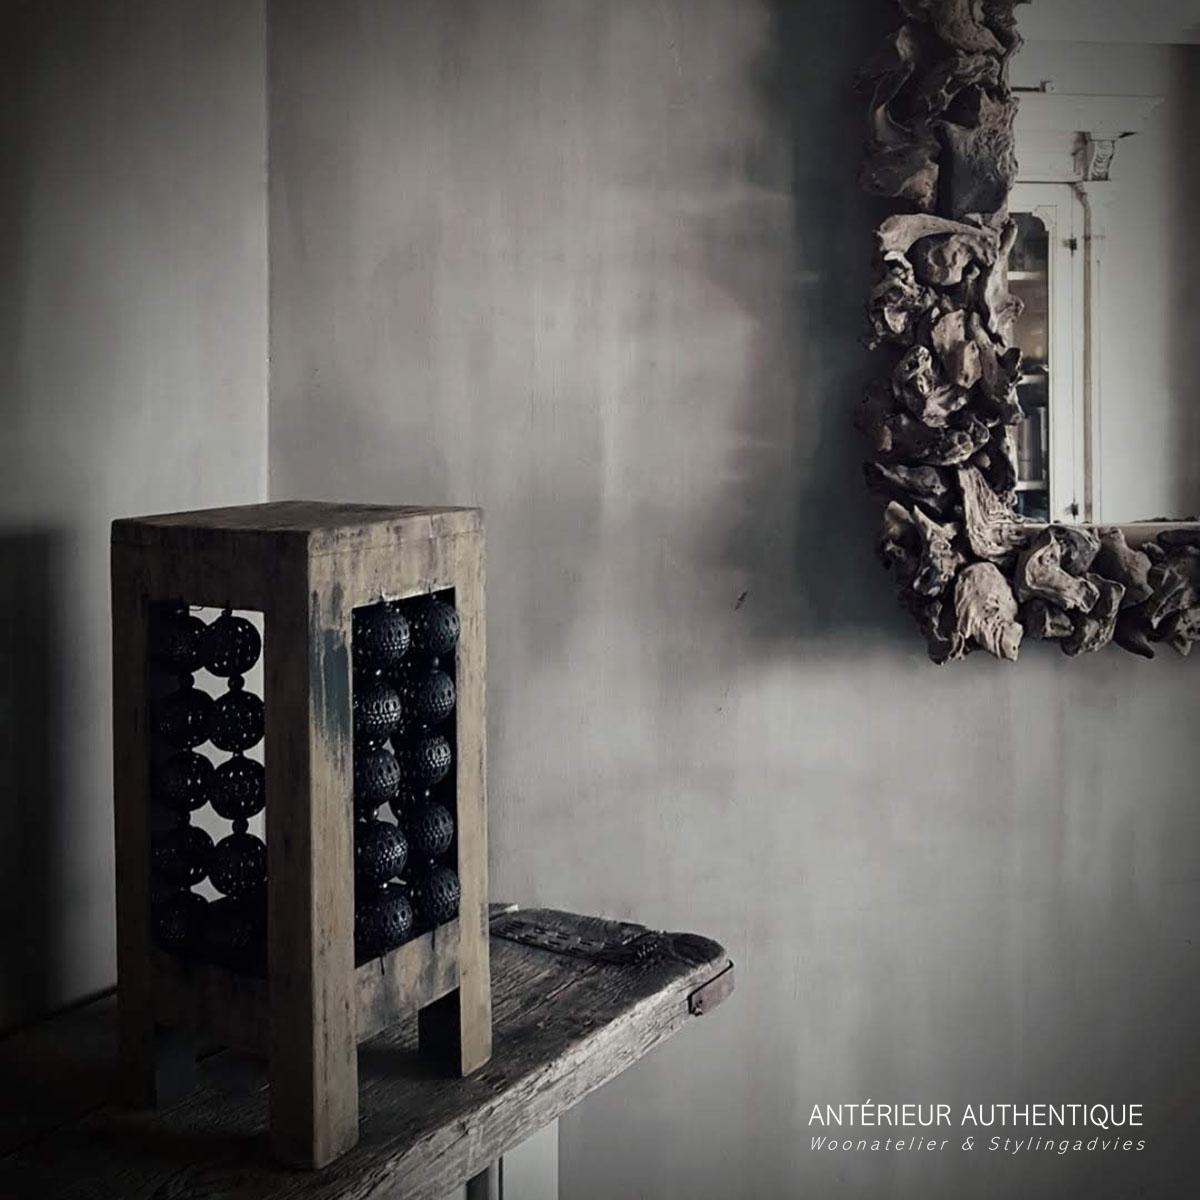 Afbeelding van windlicht oud teak met bolletjes op schouw voor spiegel voor gebruik in webshop Antérieur Authentique